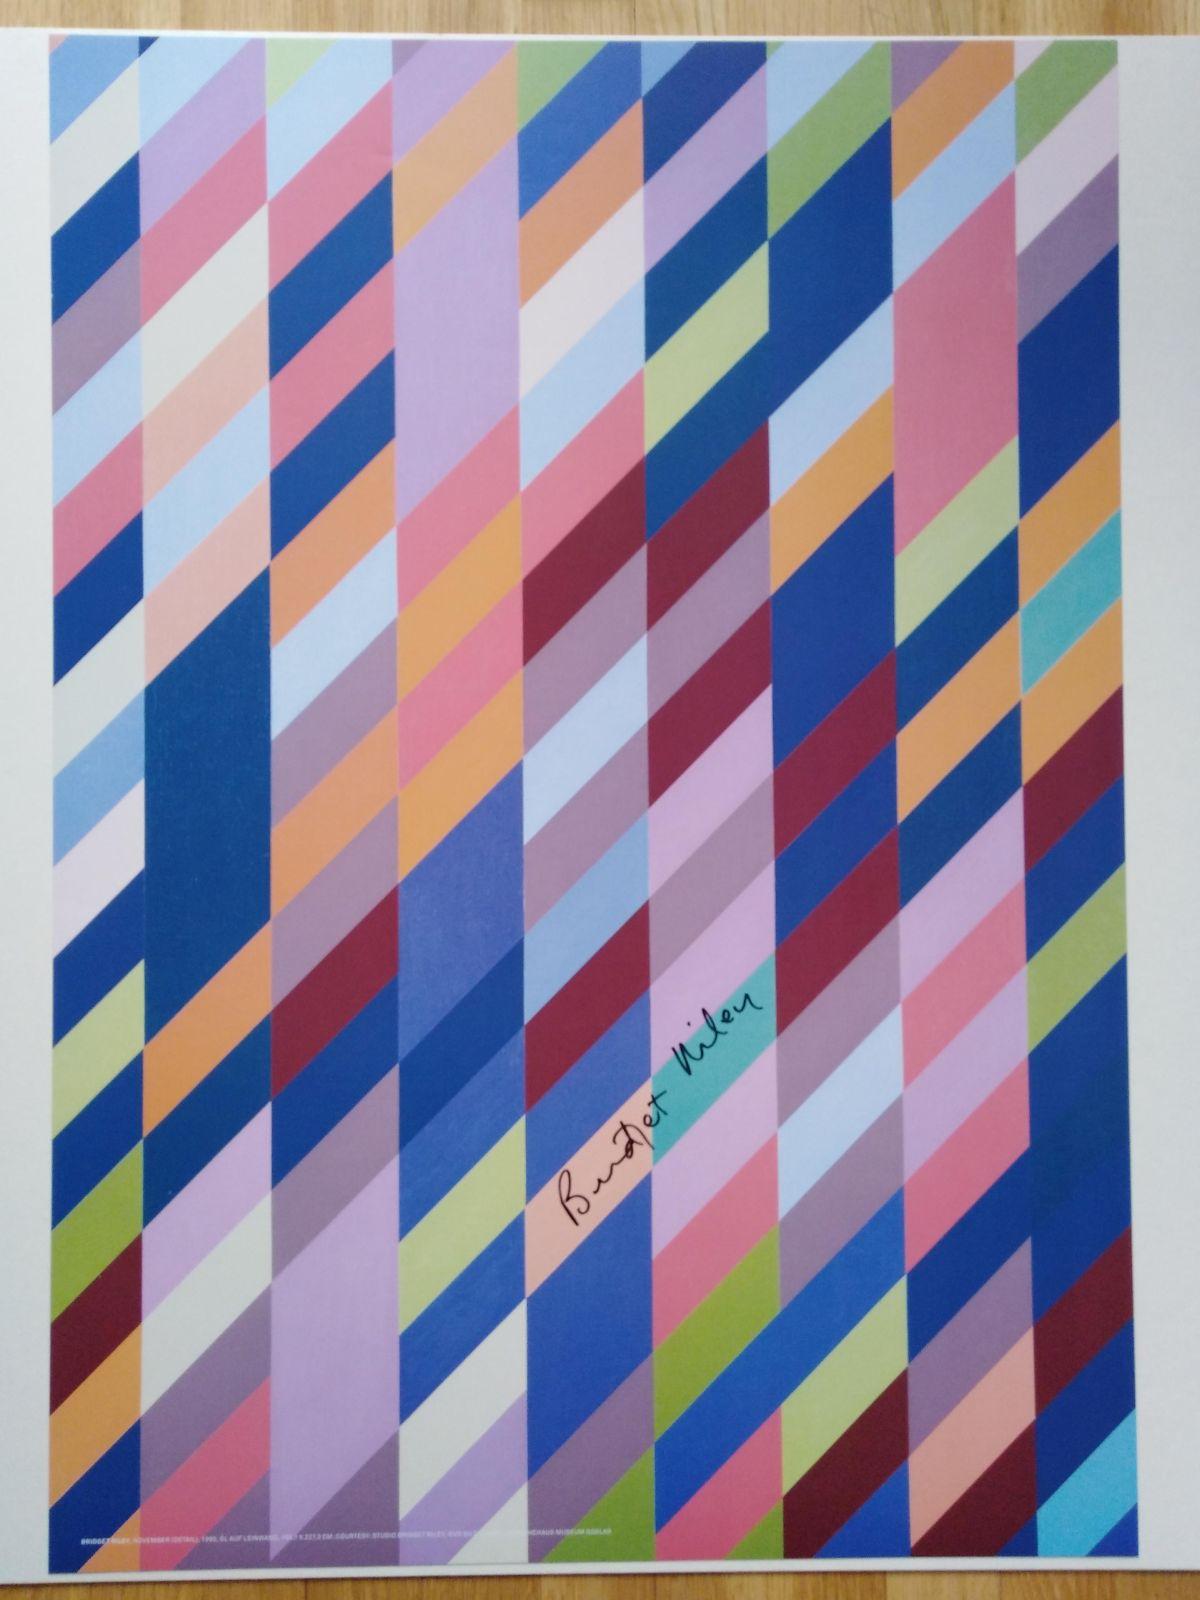 Bridget Riley - November (Detail), 2009/1990, Offsetlithografie kopen? Bied vanaf 200!